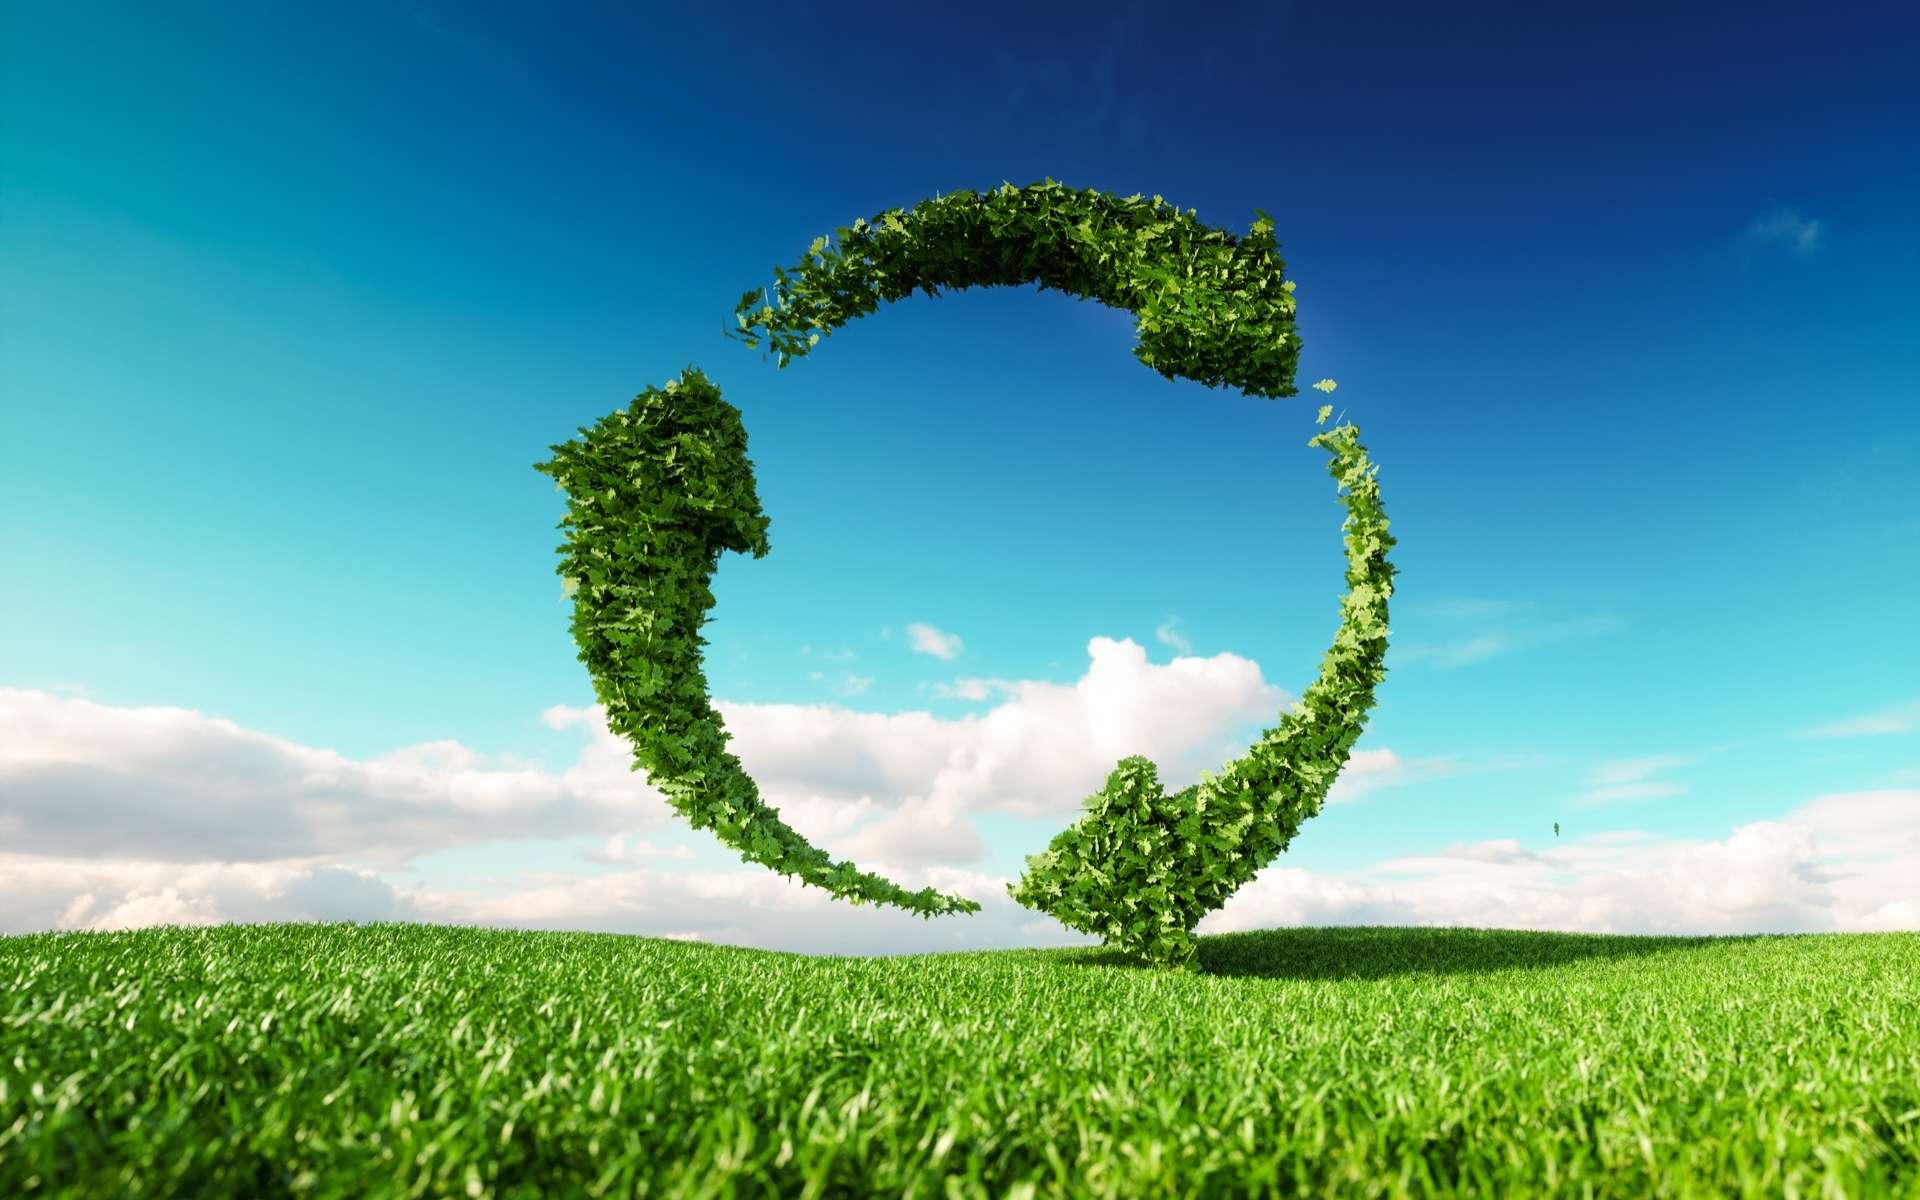 Réutiliser, réemployer et recycler sont les maîtres-mots de la loi anti-gaspillage et de l'économie circulaire. © Malp, Adobe Stock